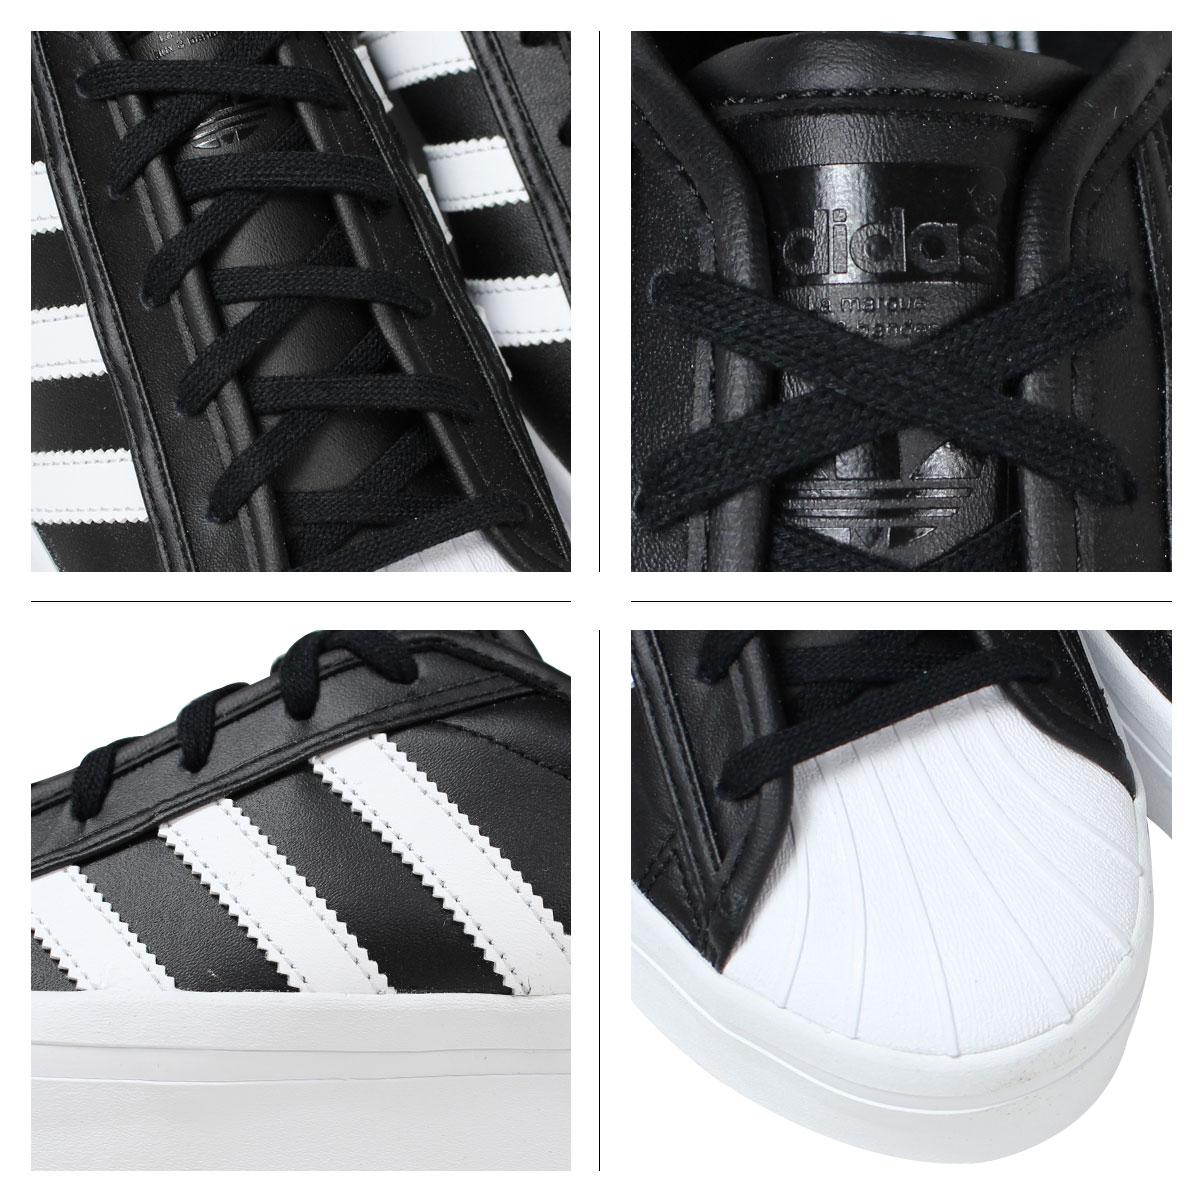 226dd05e2131 adidas Originals adidas originals superstar sneakers Womens SUPERSTAR RIZE  W S75069 shoes black